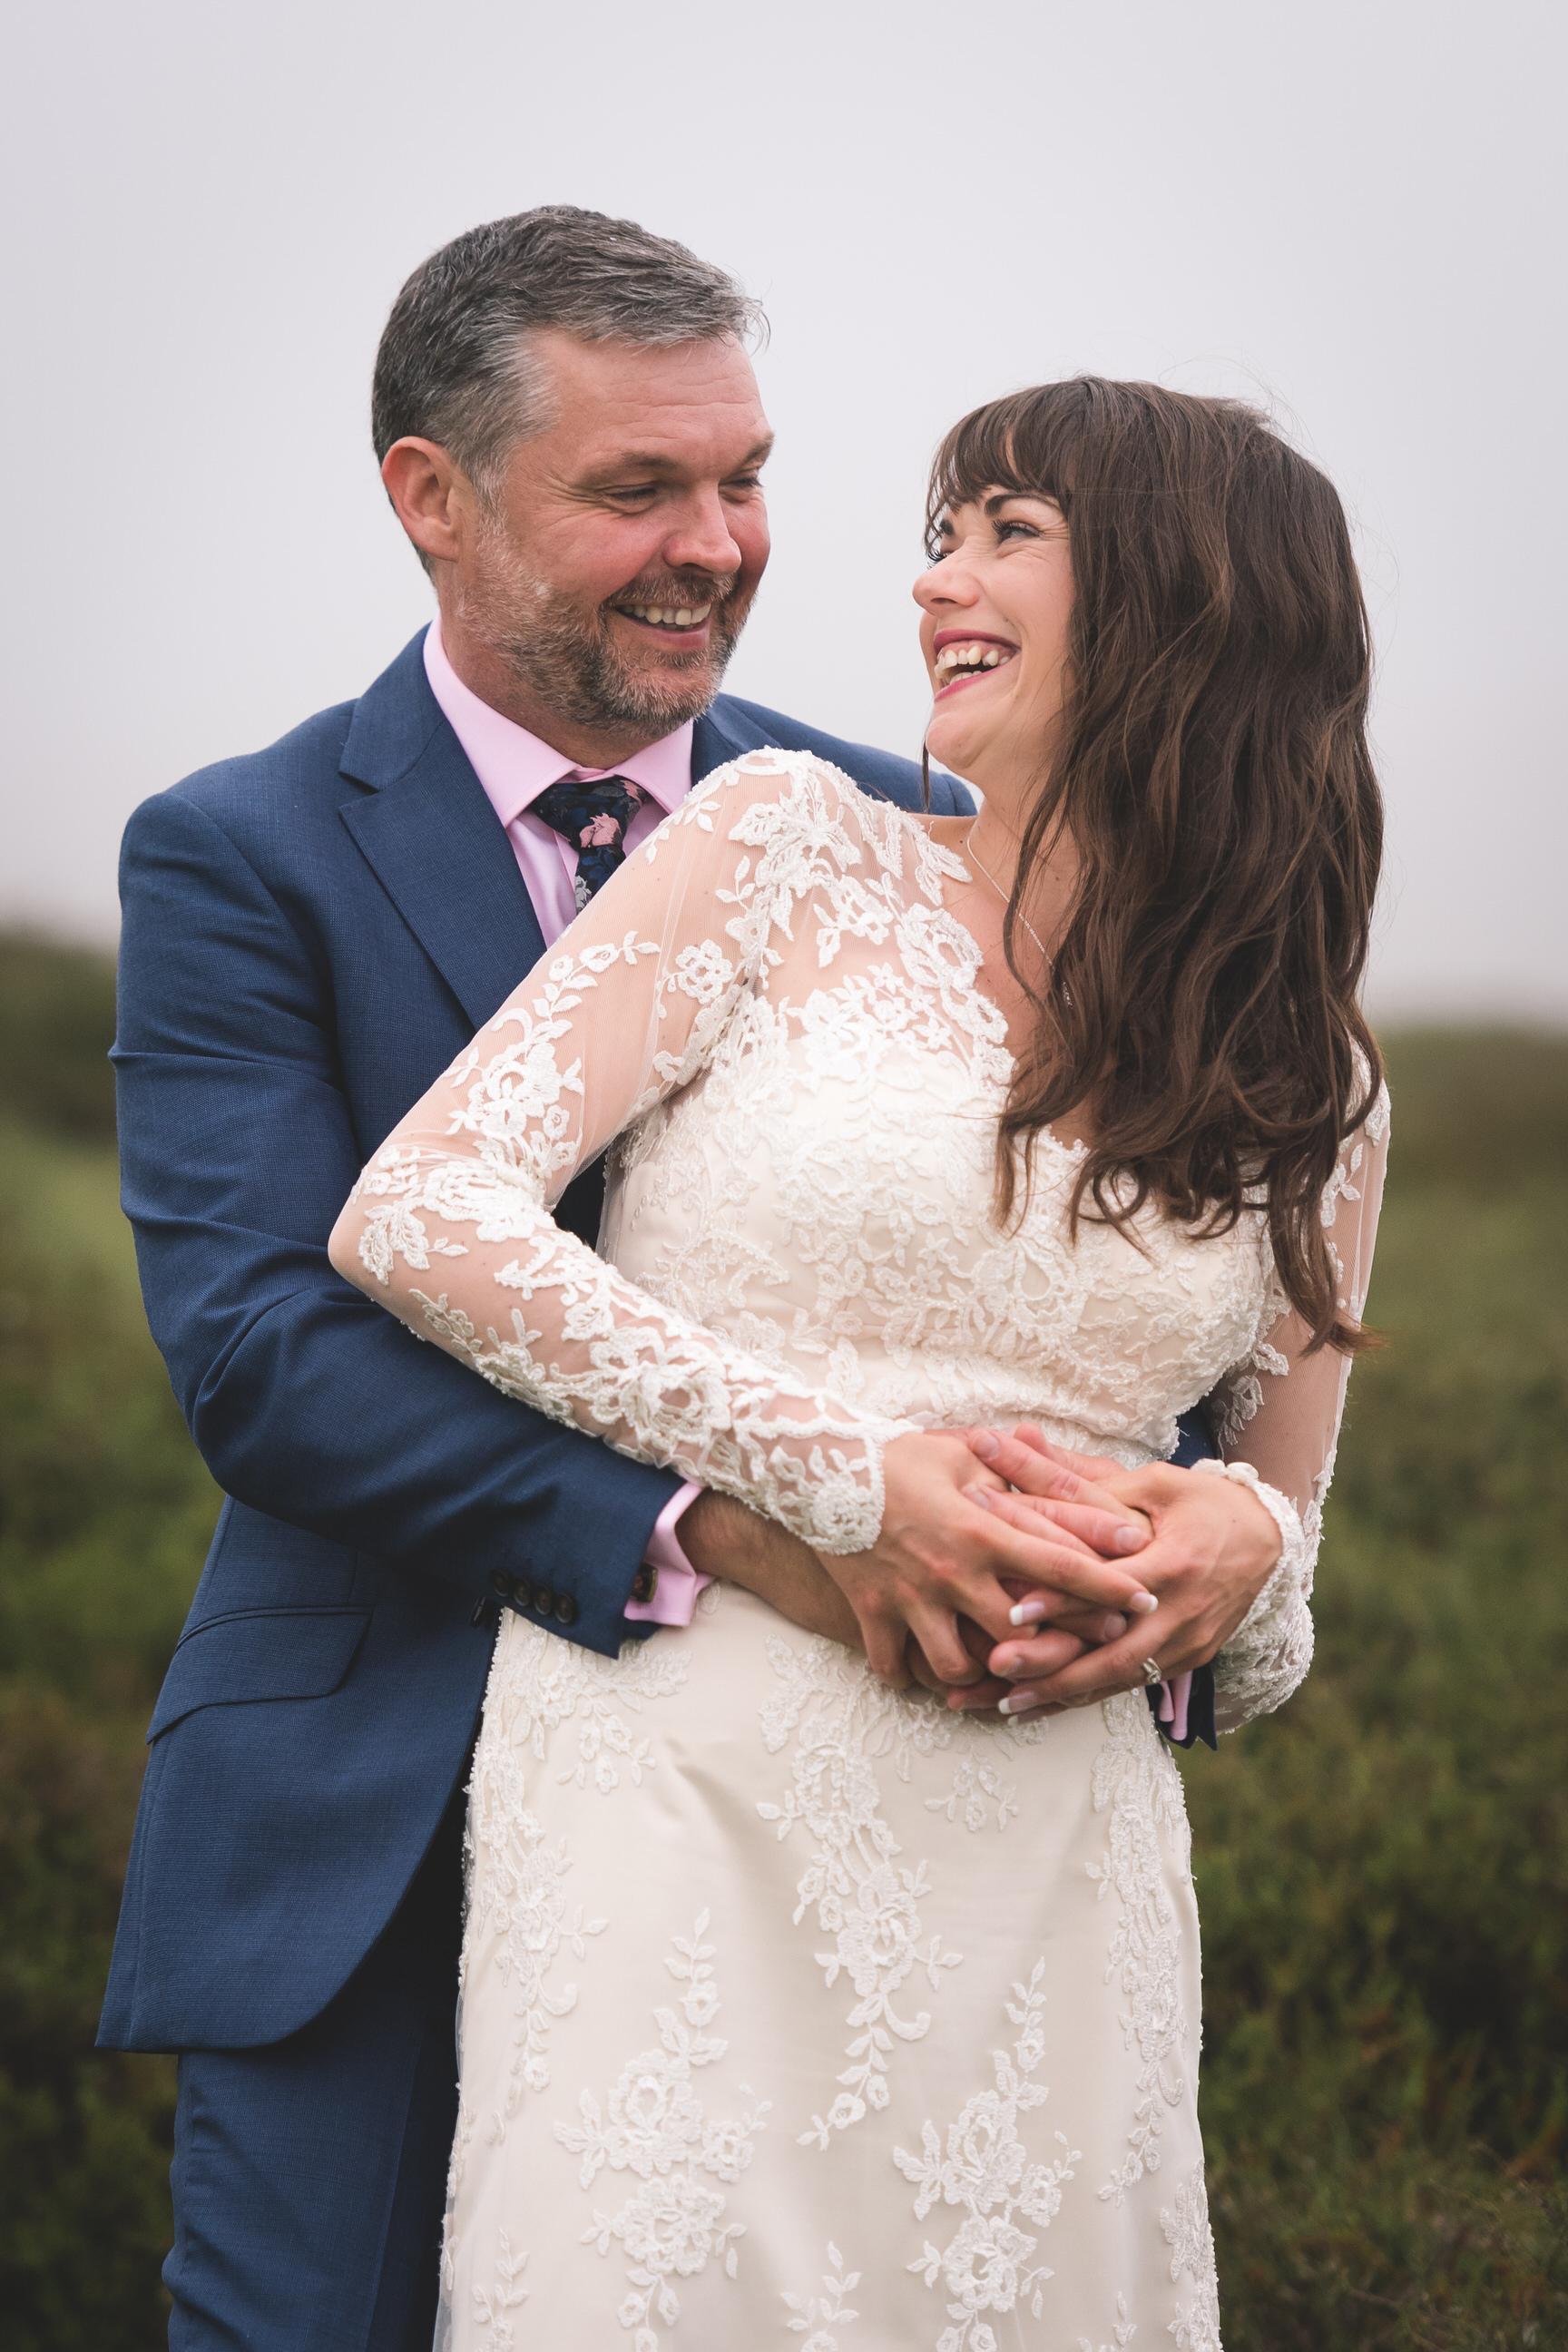 chainbridge-wedding-leeds-wedding-photographer-36.jpg